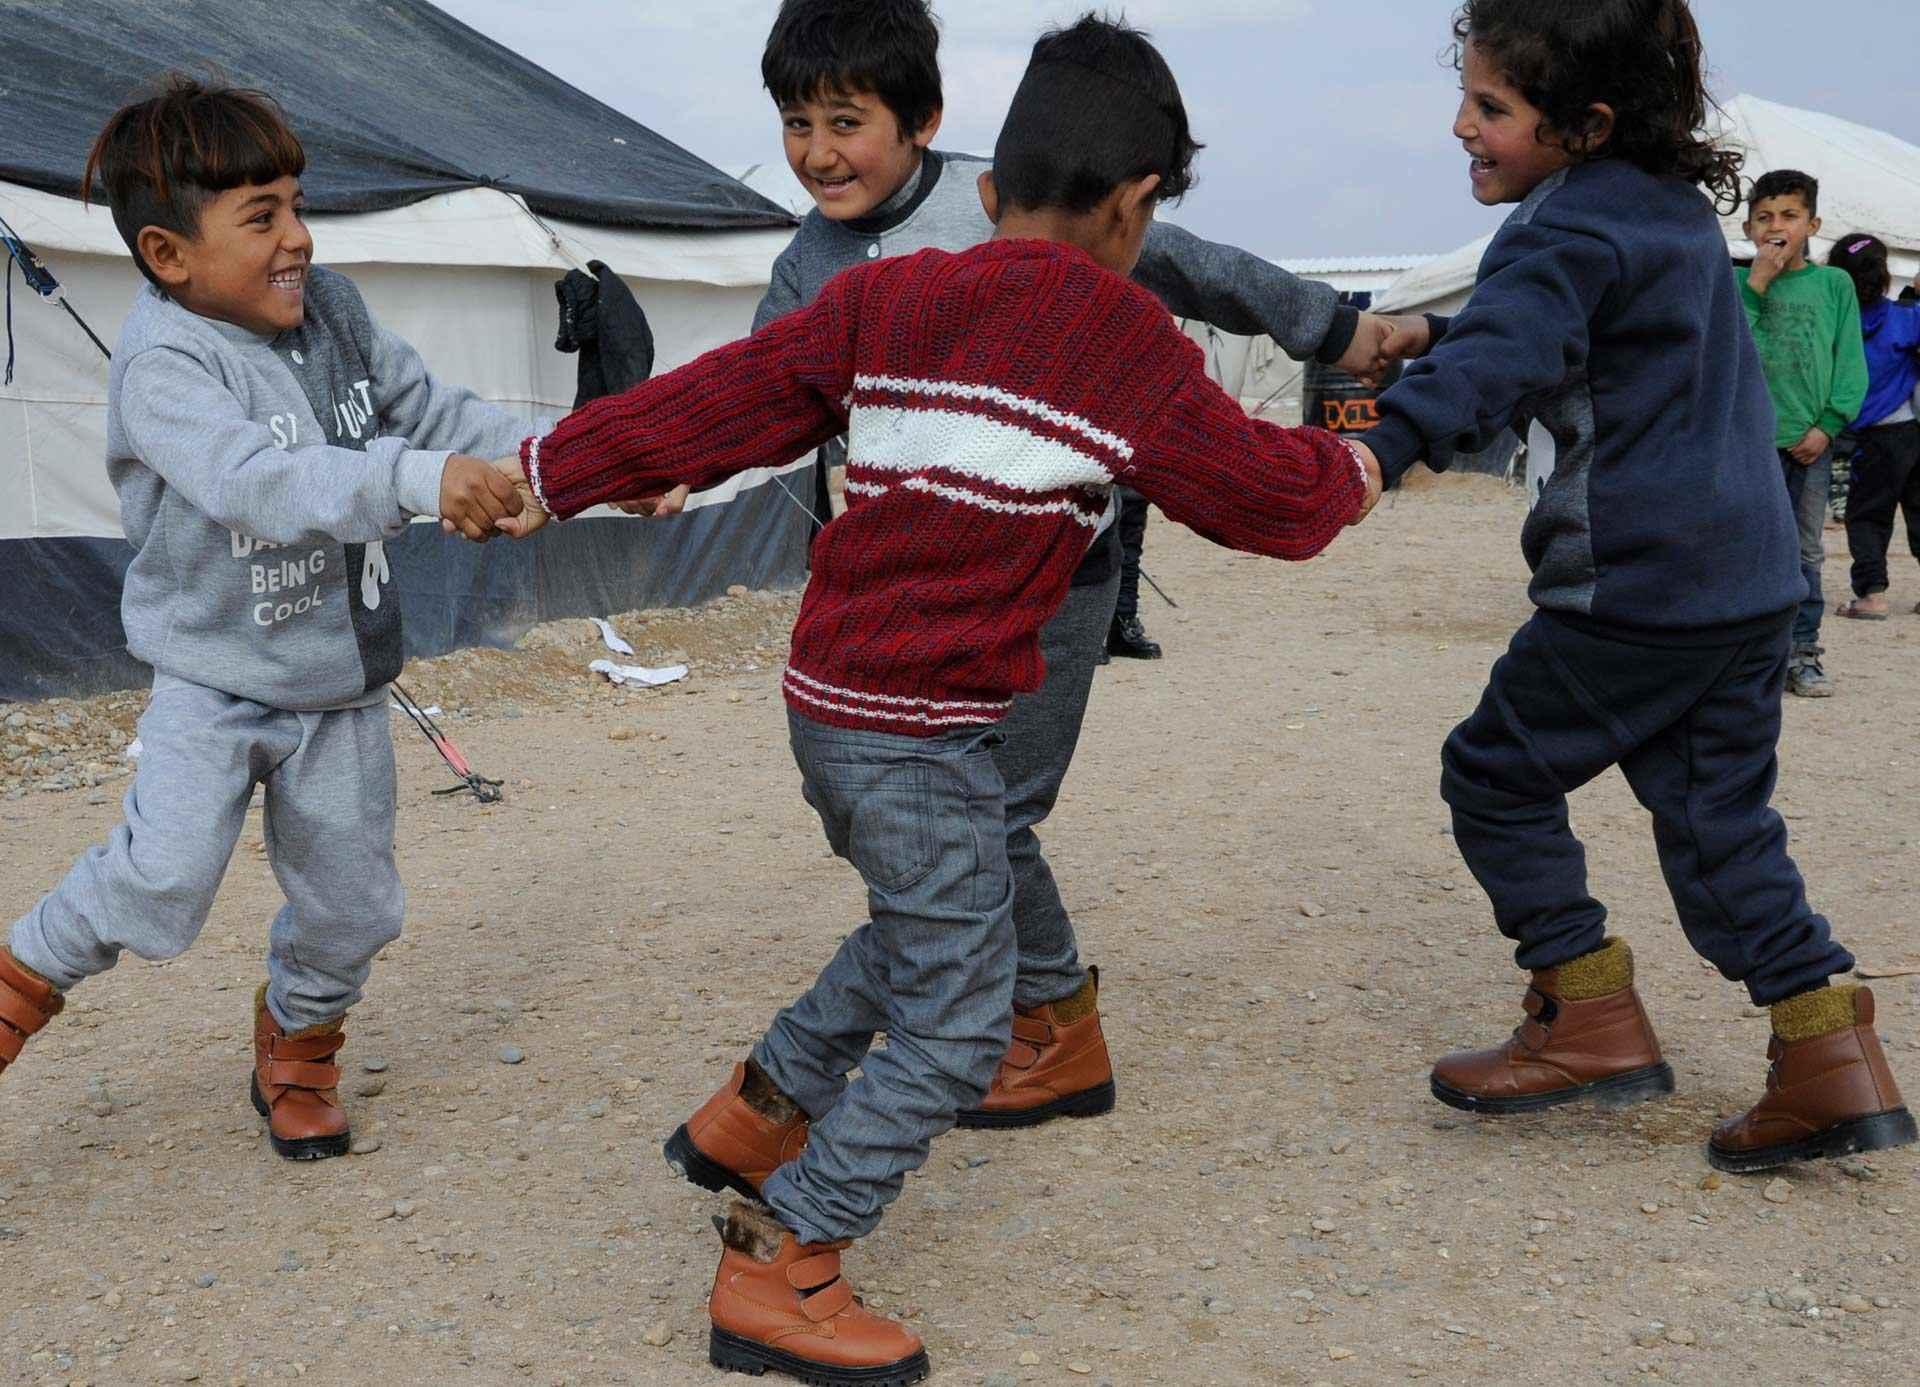 أطفال يلعبون في مخيم بسوريا،  ويواجه  هؤلاء الأطفال والعائلات التي تبحث عن مأوى في المخيمات بمحافظة الرقة فصل الشتاء القاسي.  وأُجبرت  هذه الأسر على الفرار من ديارها بقليل من الملابس على ظهورهم.، لتعيش في مخيمات وسط الصحراء، ولا يوجد شيء لدرء البرد أو الرياح القوية، كما أنه من المألوف هطول أمطار غزيرة لخيام الفيضانات، وتدهور الظروف المعيشية- كانون الثاني 2020 (يونيسيف)